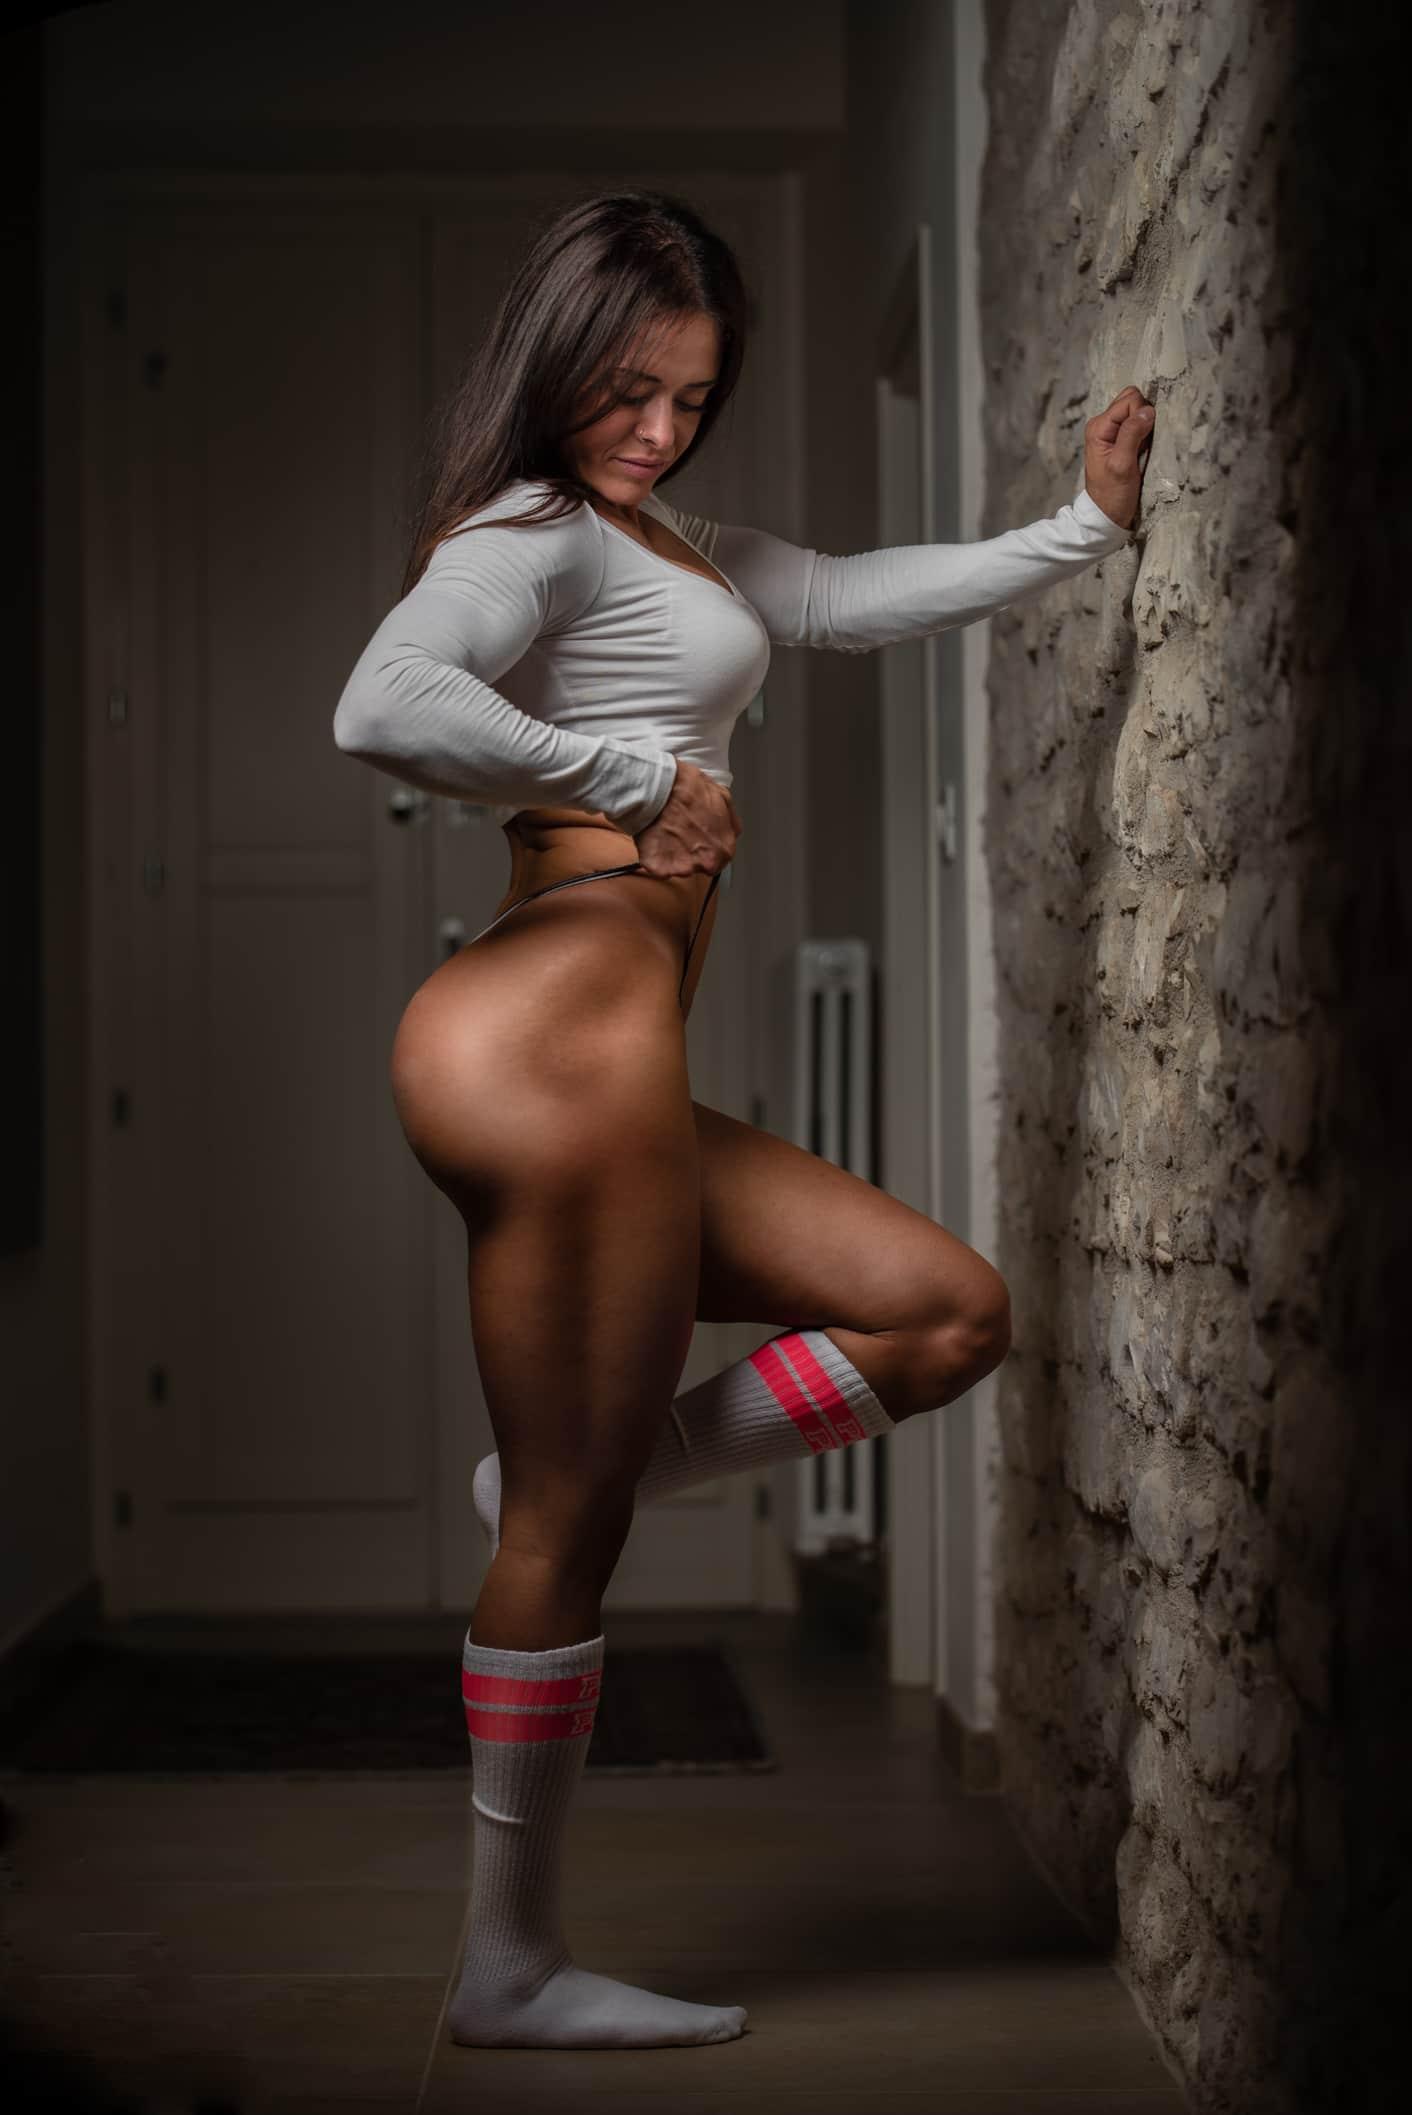 fotografofitness servizio fotografico boudoir ragazza muscolo in intimo bianco e maglia bianca appoggiata ad un muro di mattoni